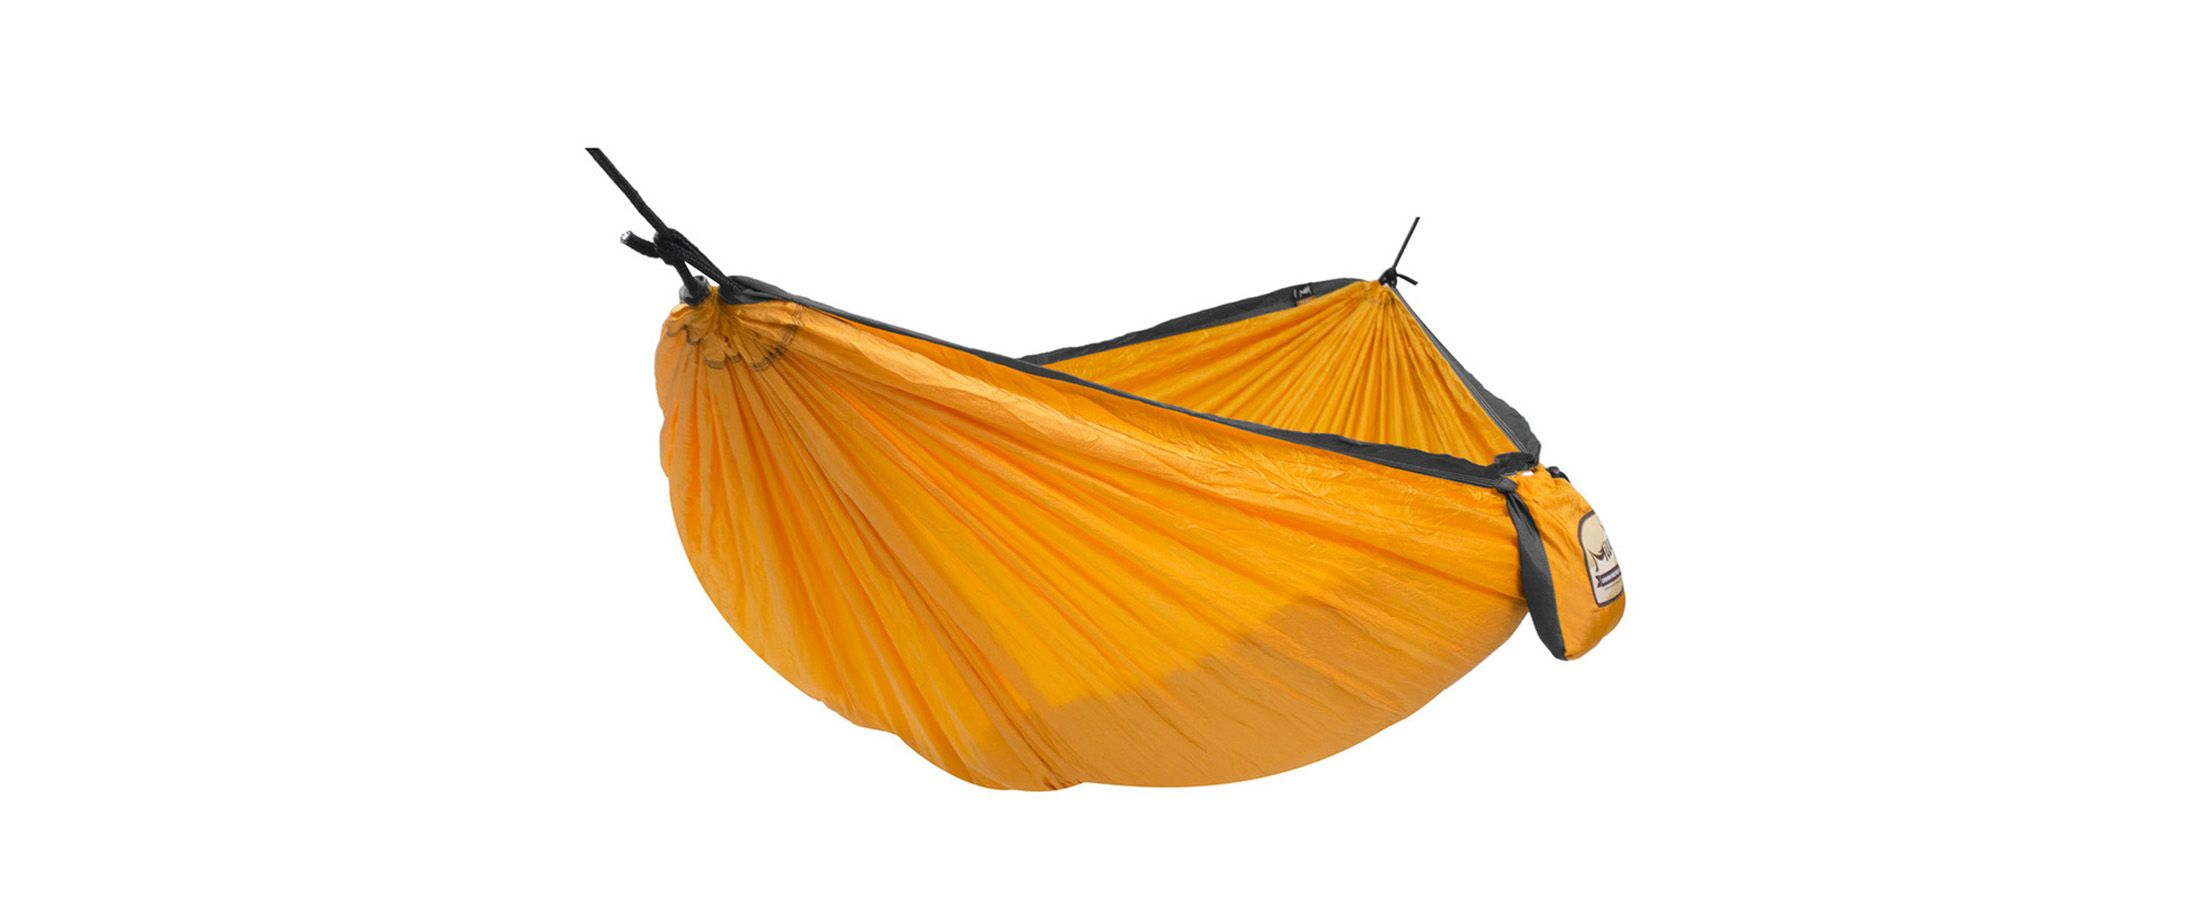 Одноместный гамак Voyager orange Модель 366Туристический одноместный гамак Voyager Модель 366. Артикул С000094<br><br>Ширина см: 150<br>Глубина см: 250<br>Высота см: 1<br>Максимальная нагрузка : 180<br>Количество человек : 1<br>Цвет: Оранжевый<br>Материал: Парашютный шелк